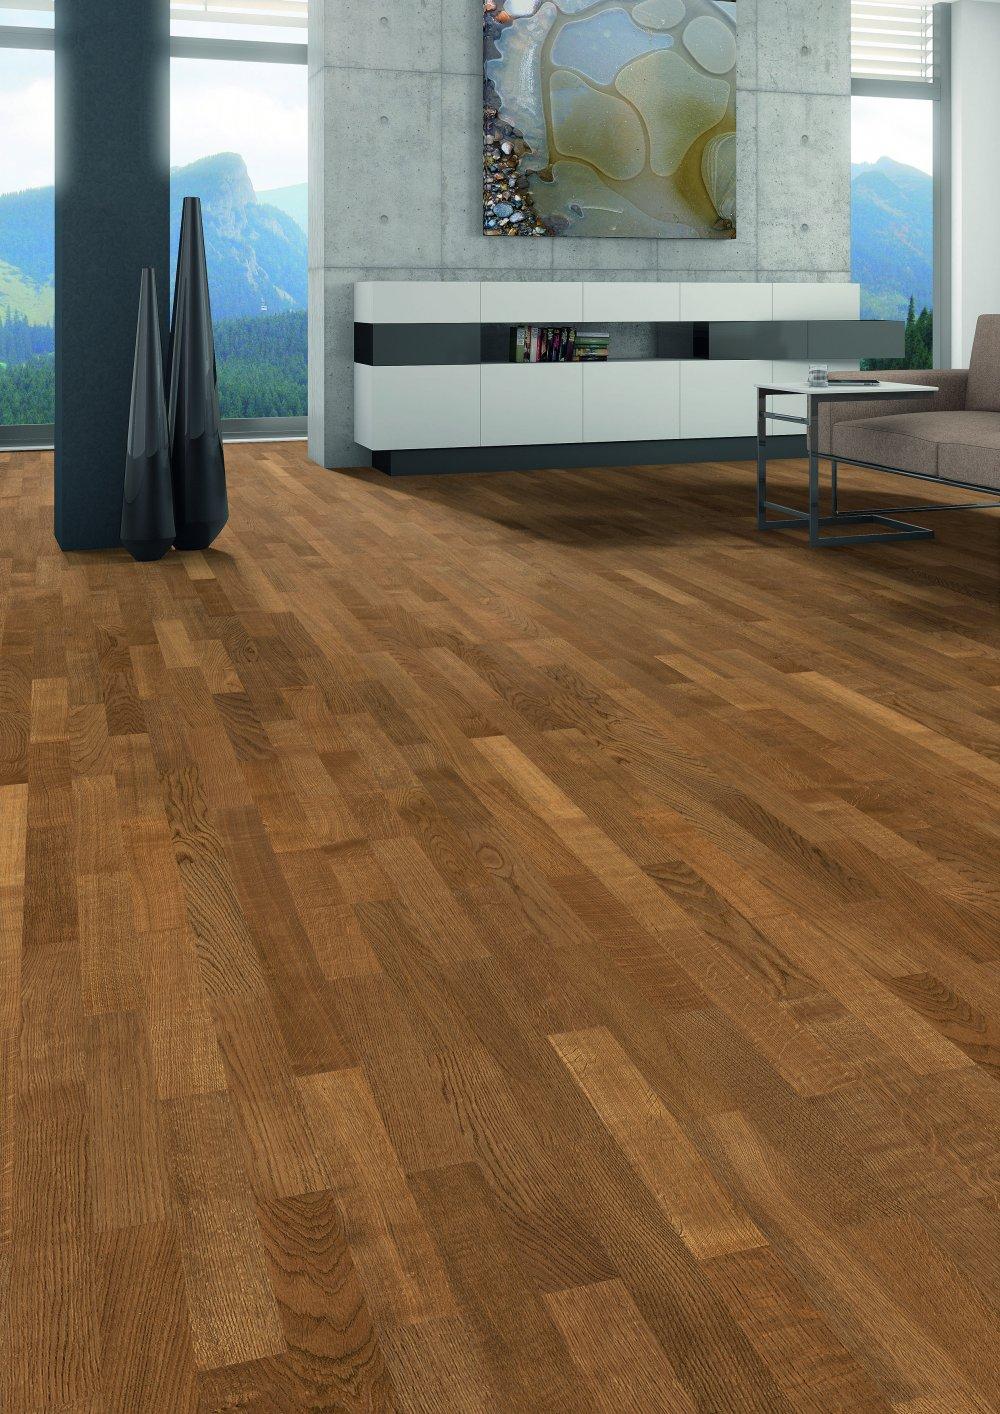 531962 haro parkett stab allegro bernsteineiche ge lt. Black Bedroom Furniture Sets. Home Design Ideas